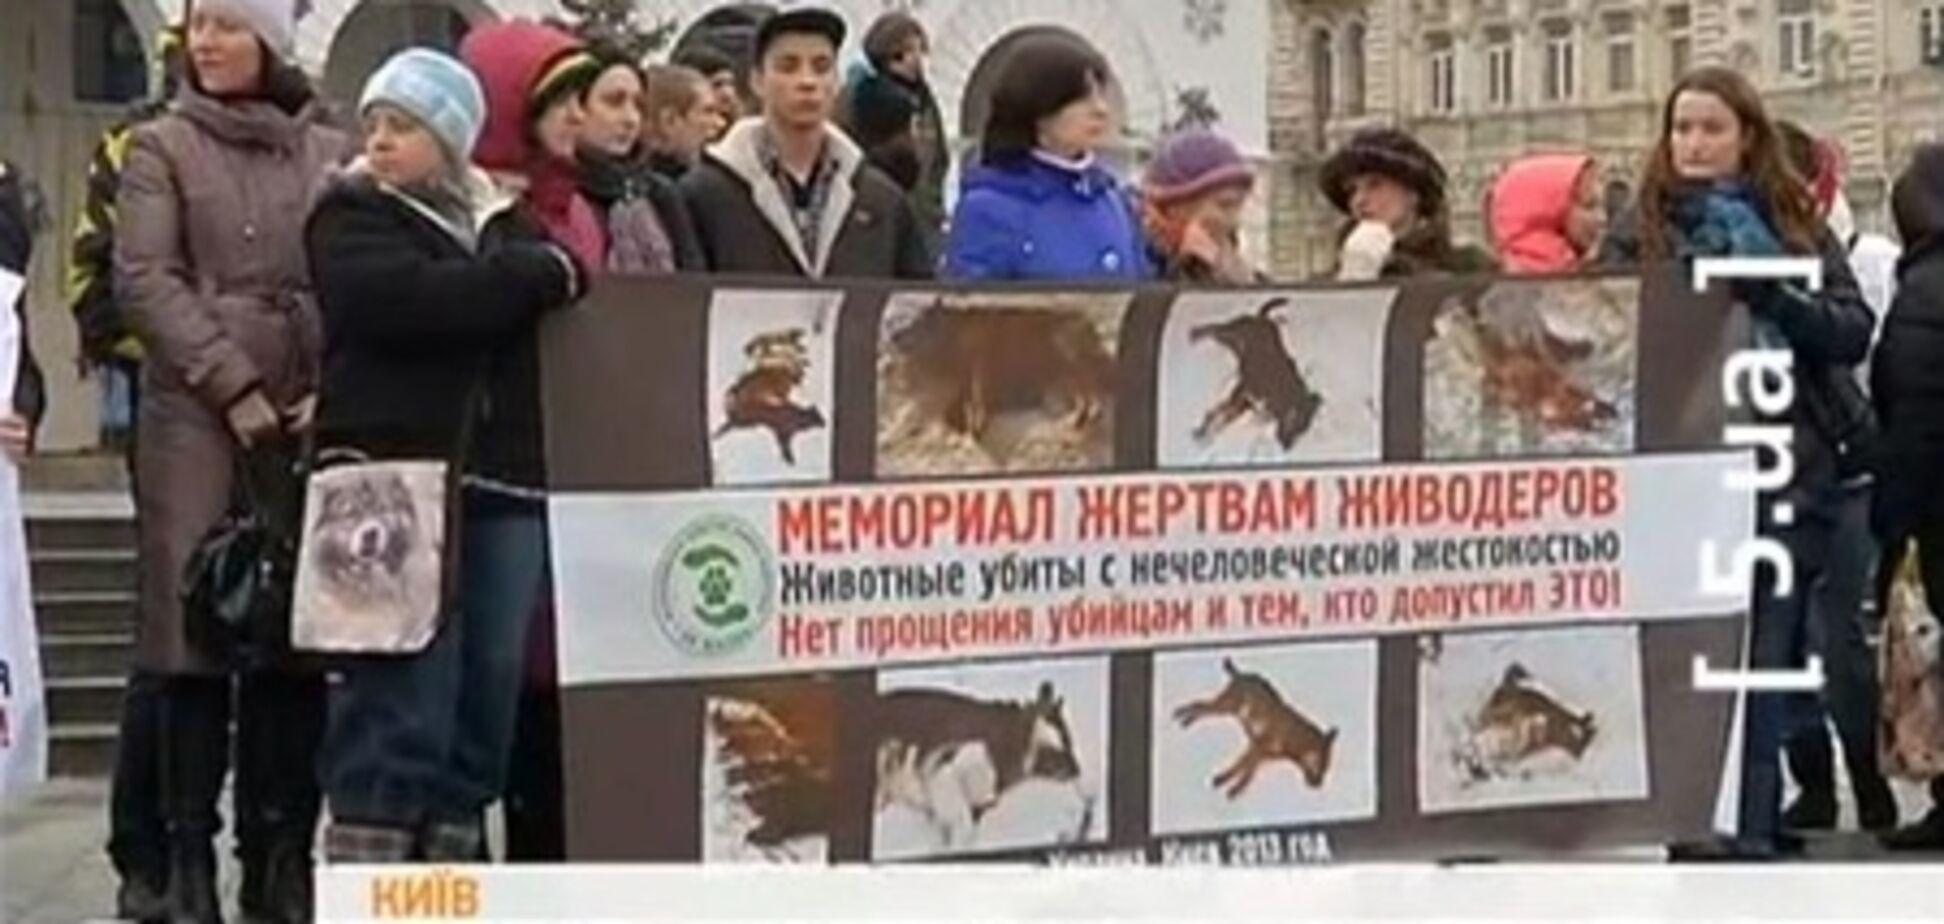 Киевляне требуют наказать догхантеров